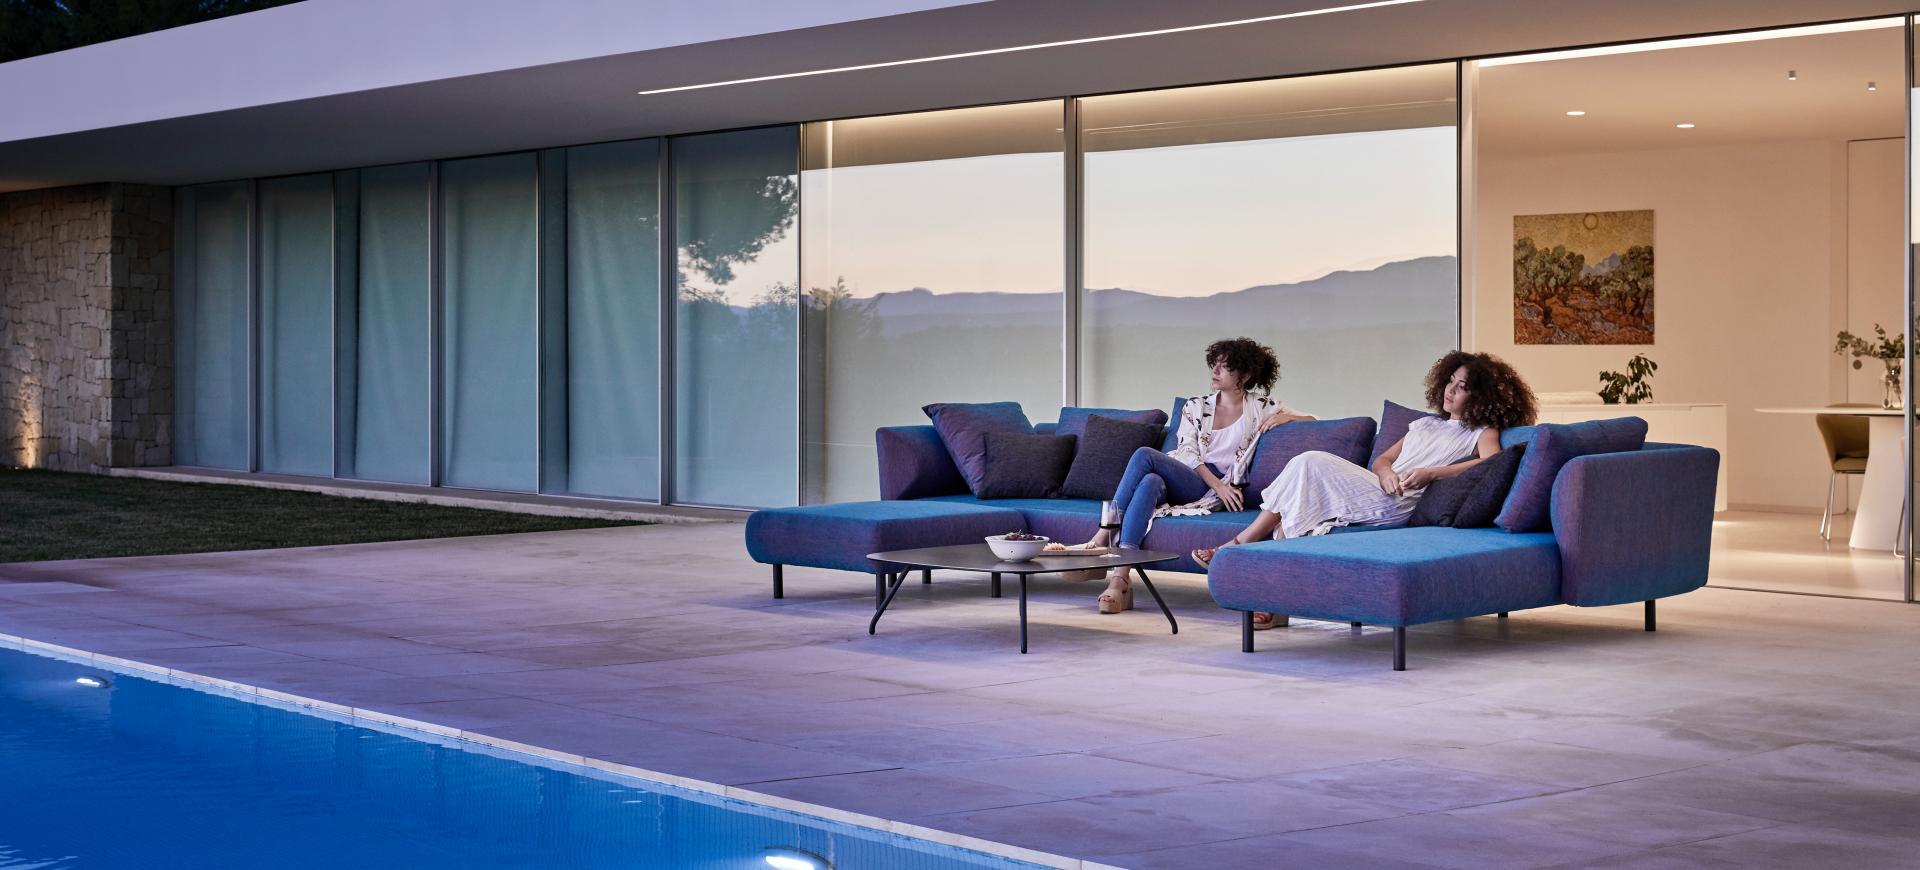 Canapé outdoor STORY - Mobilier contemporain et tendance